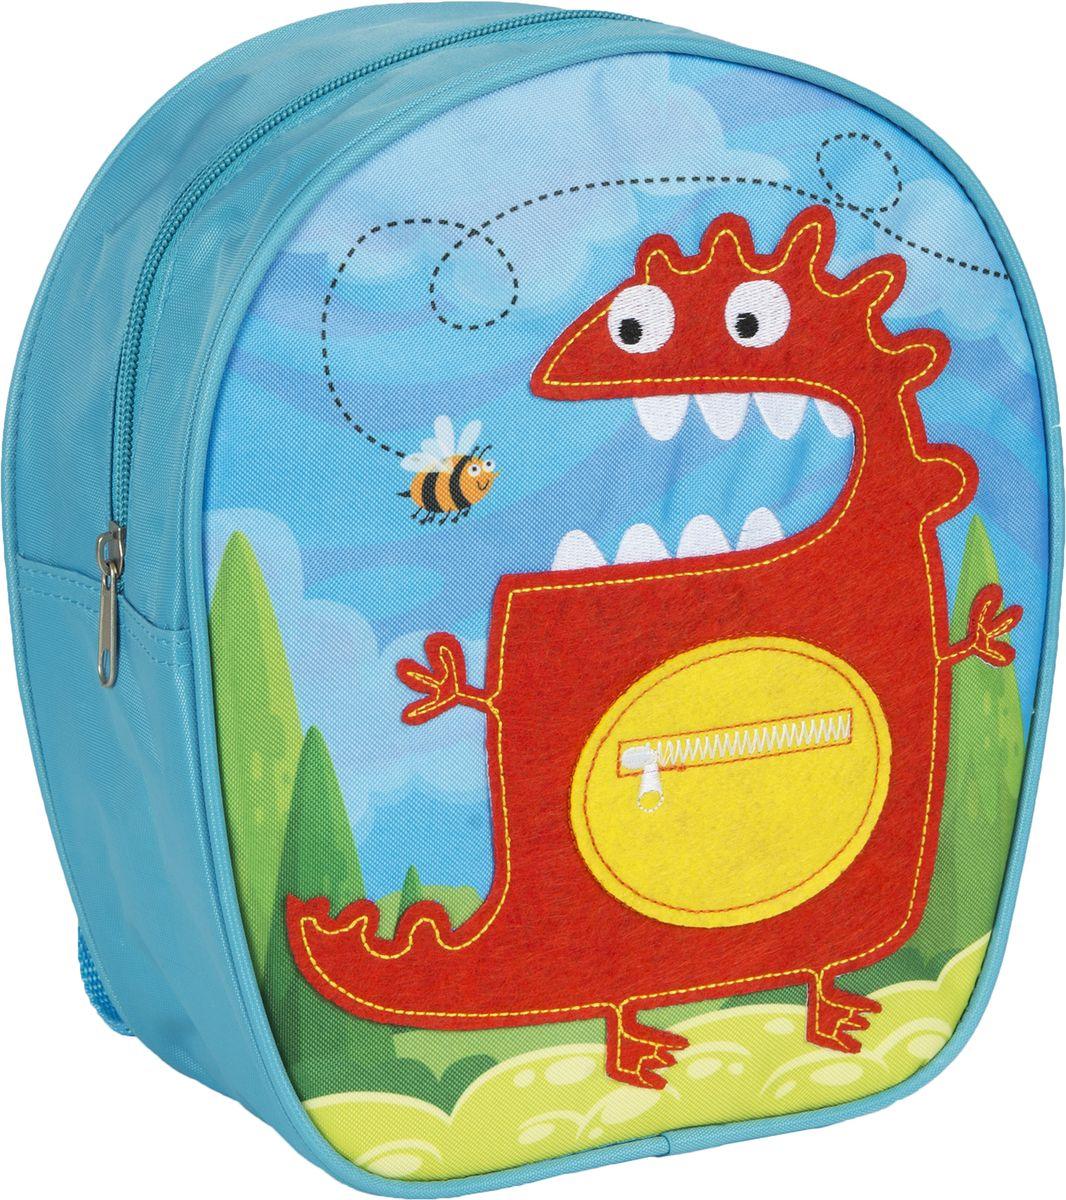 Росмэн Рюкзак дошкольный Монстр32009Дошкольный рюкзак Росмэн Монстр - это удобный, легкий и компактный аксессуар для вашего малыша, который обязательно пригодится для прогулок и детского сада.В его внутреннее отделение на застежке-молнии можно положить игрушки, предметы для творчества или книжку формата А5.Благодаря регулируемым лямкам, рюкзачок подходит детям любого роста. Удобная ручка помогает носить аксессуар в руке или размещать на вешалке.Износостойкий материал с водонепроницаемой основой и подкладка обеспечивают изделию длительный срок службы и помогают содержать вещи сухими в сырую погоду.Аксессуар декорирован ярким принтом (сублимированной печатью), устойчивым к истиранию и выгоранию на солнце, аппликацией из фетра и вышивкой.